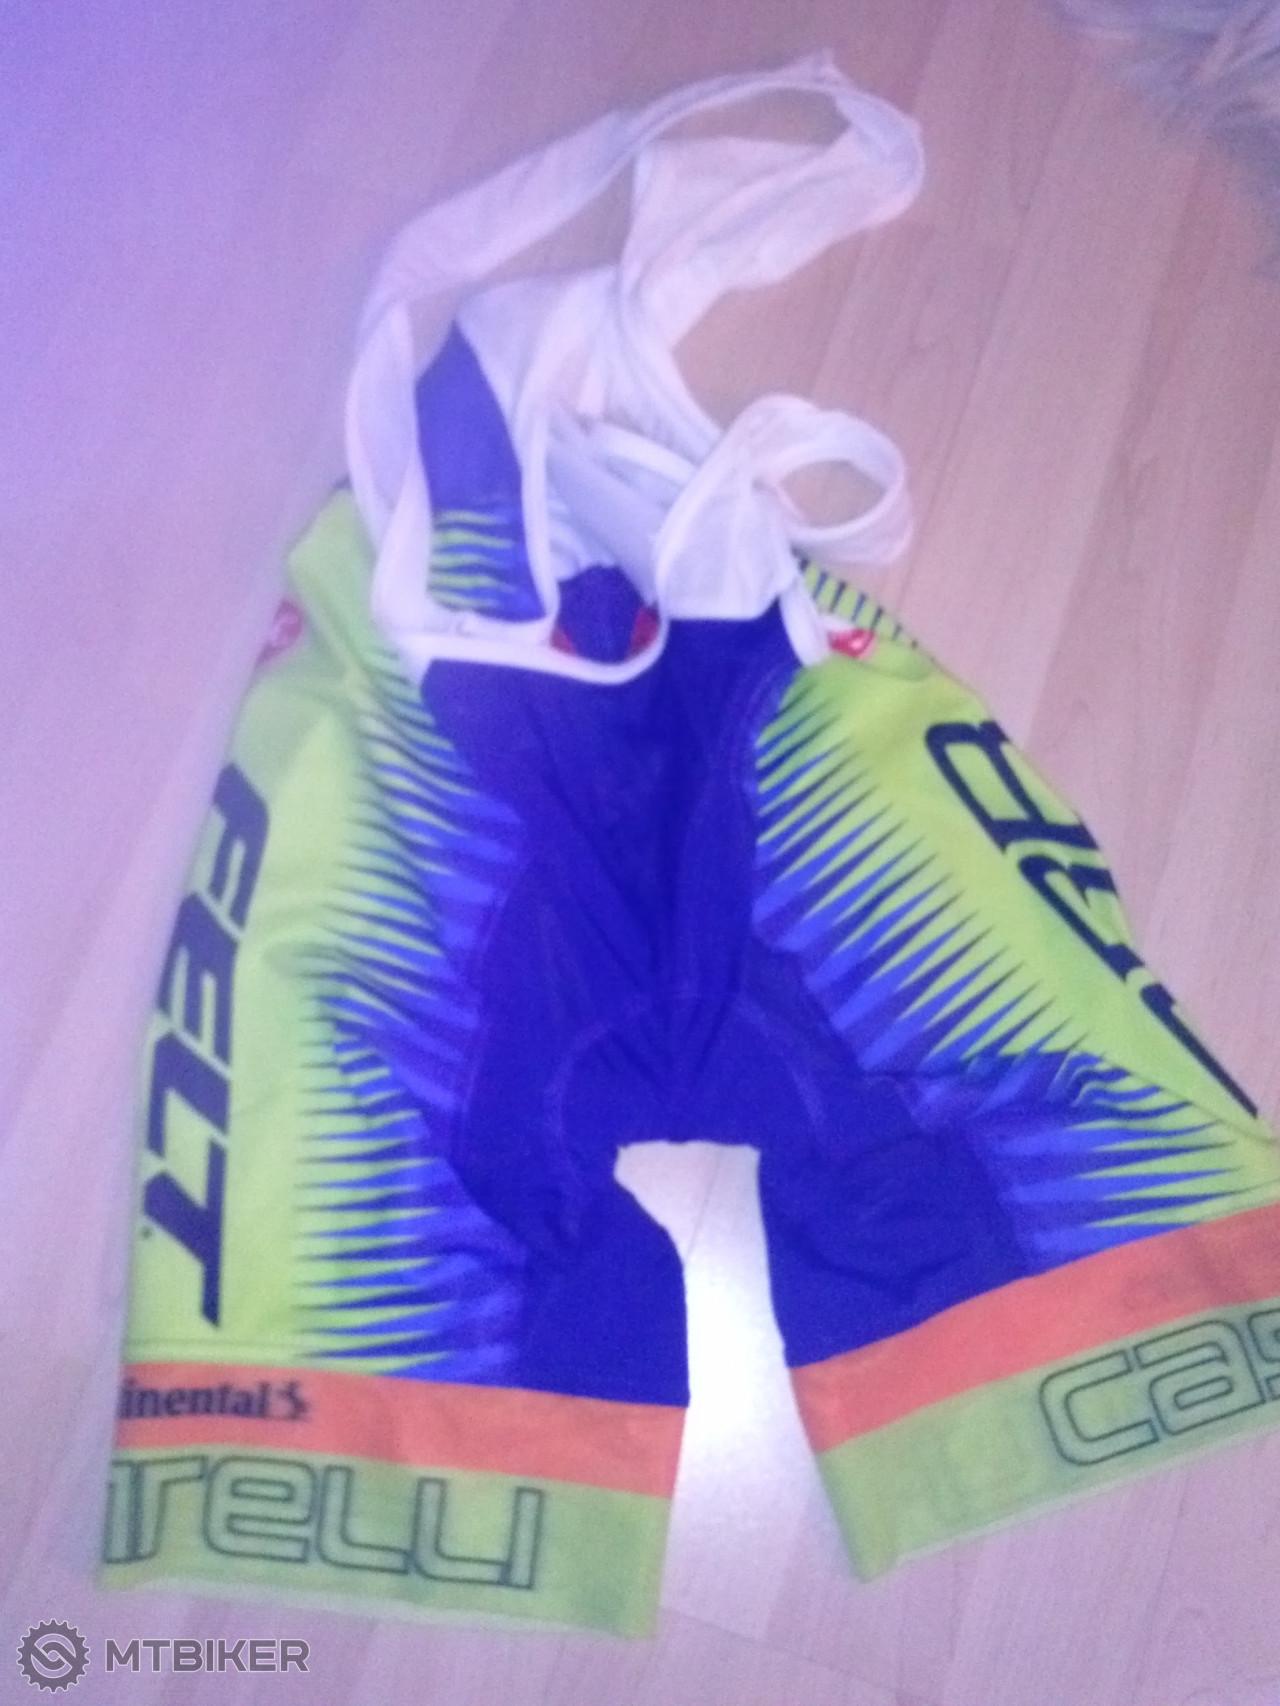 525c0cbeff1e3 Predam Cyklodres Castelli - Príslušenstvo - Oblečenie a batohy - Bazár  MTBIKER